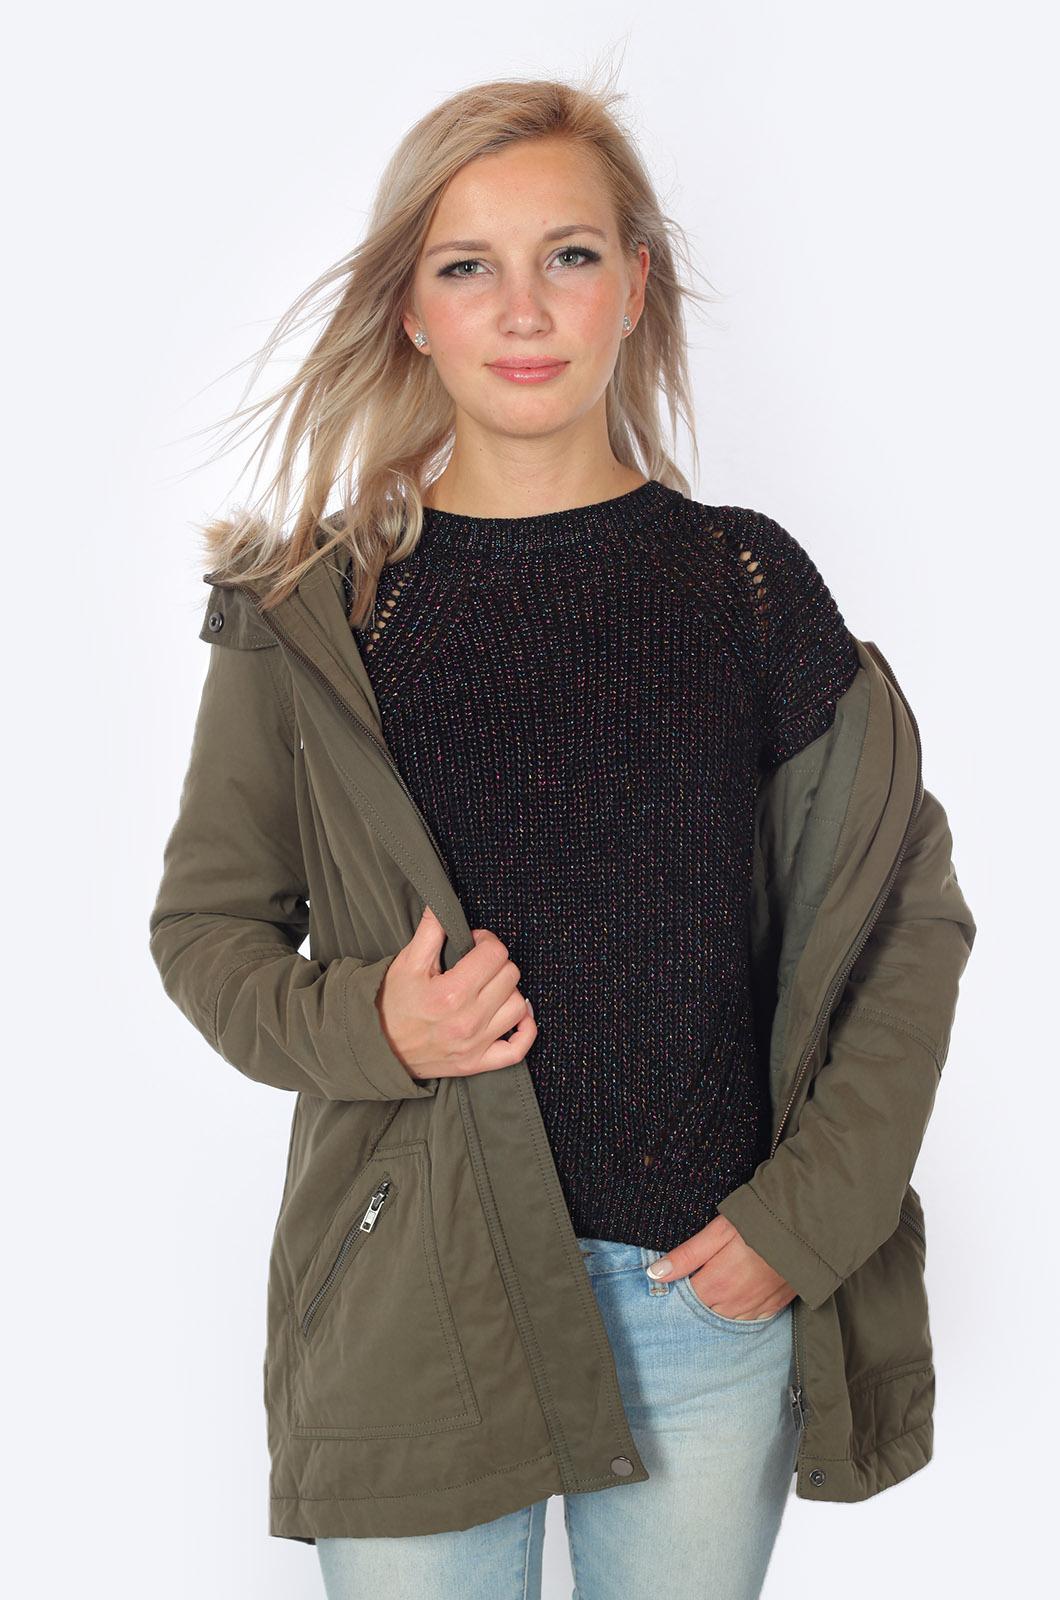 Демисезонная куртка-парка от Just Jeans (Австралия) с удобной достакой